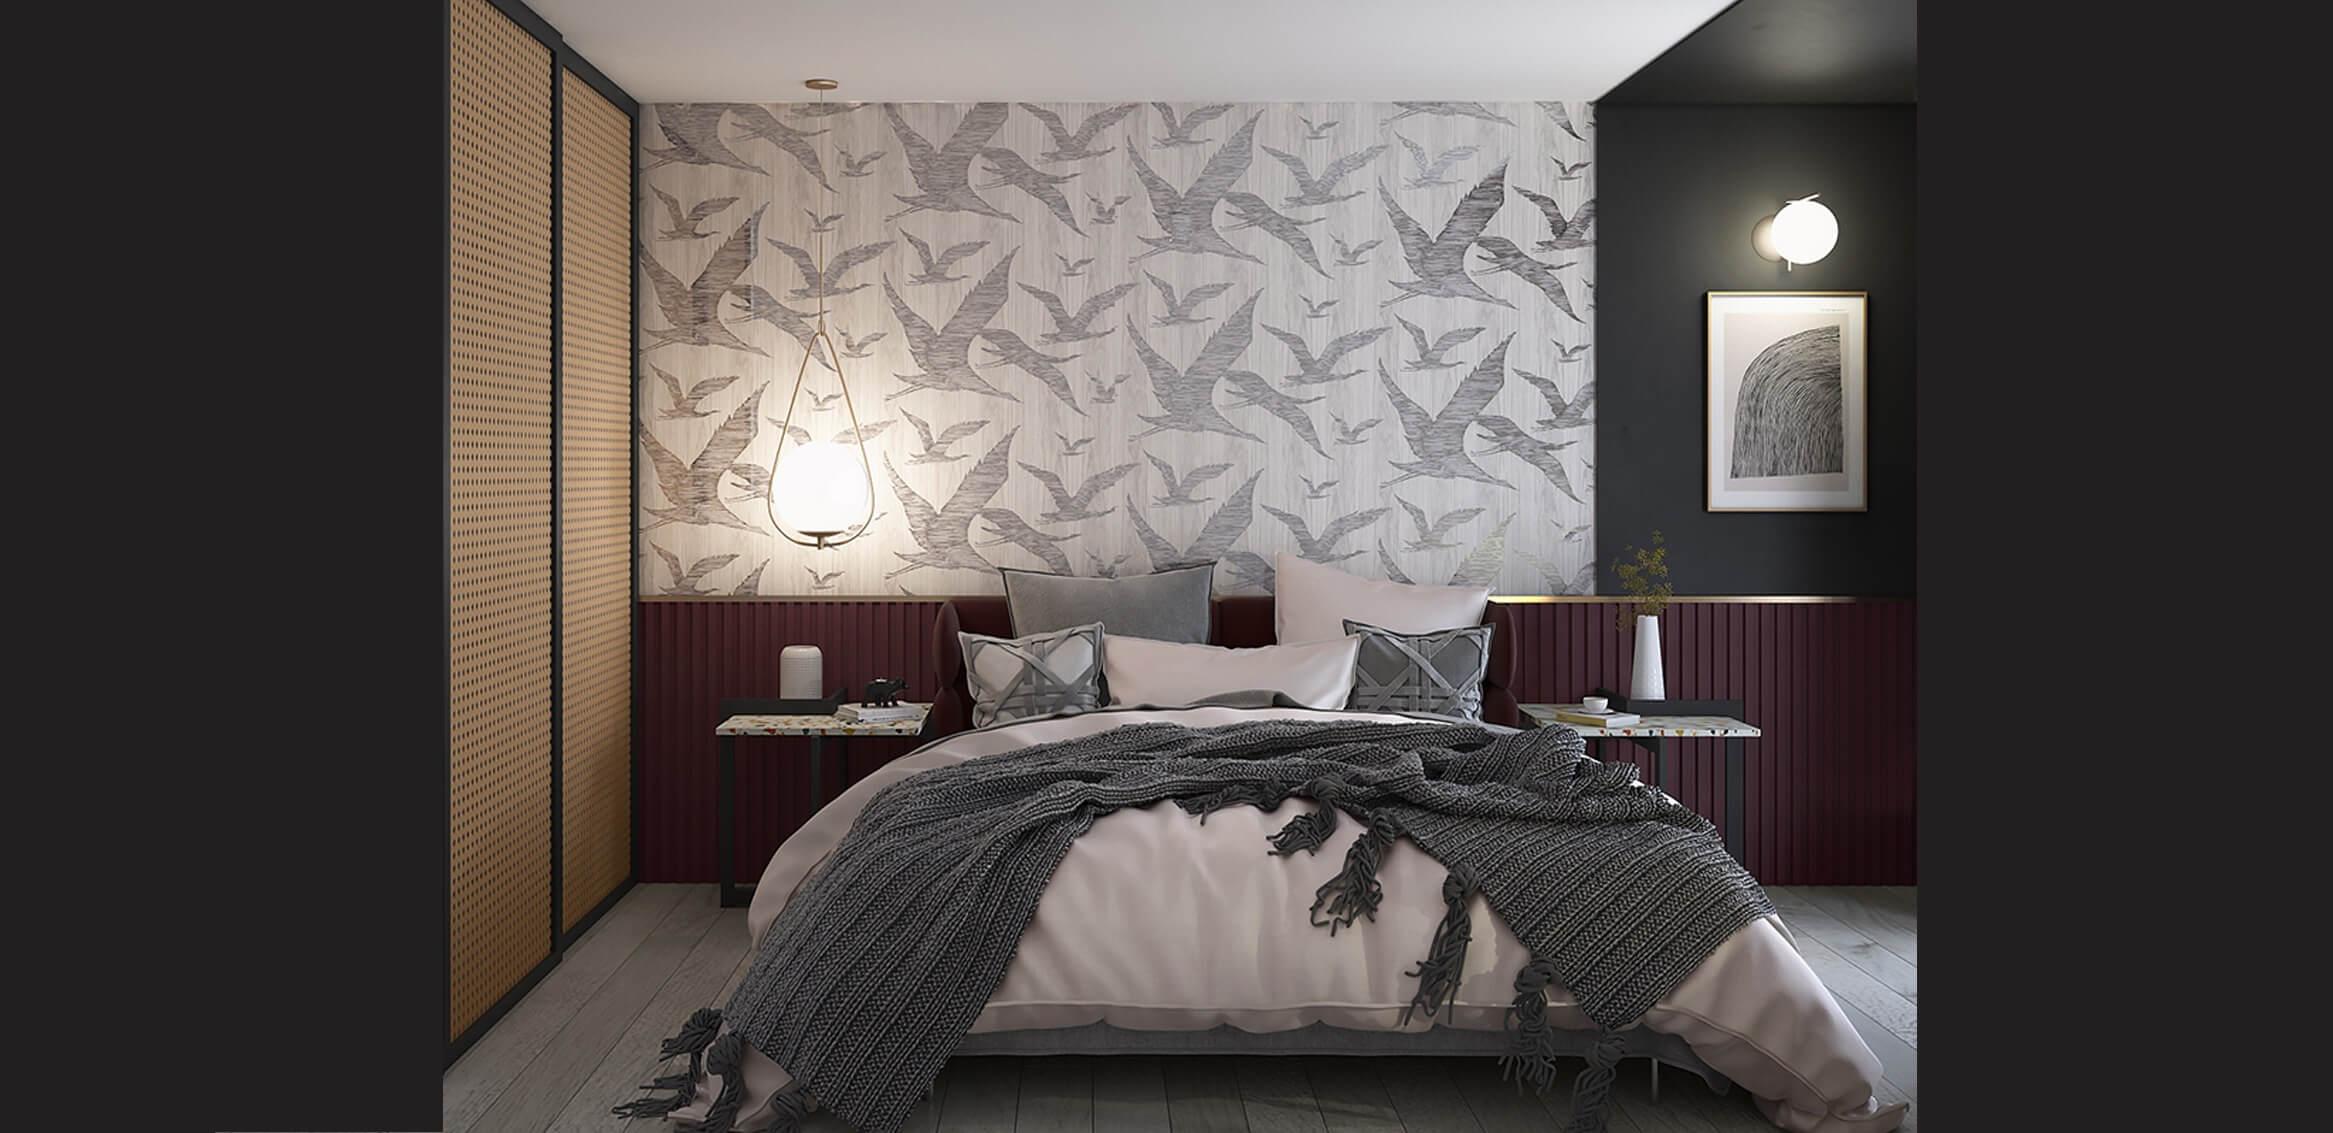 wizualizacja sypialni przedstawiająca produkty firmy zabawa w dom w użyciu, w szczególności stolik lastriko